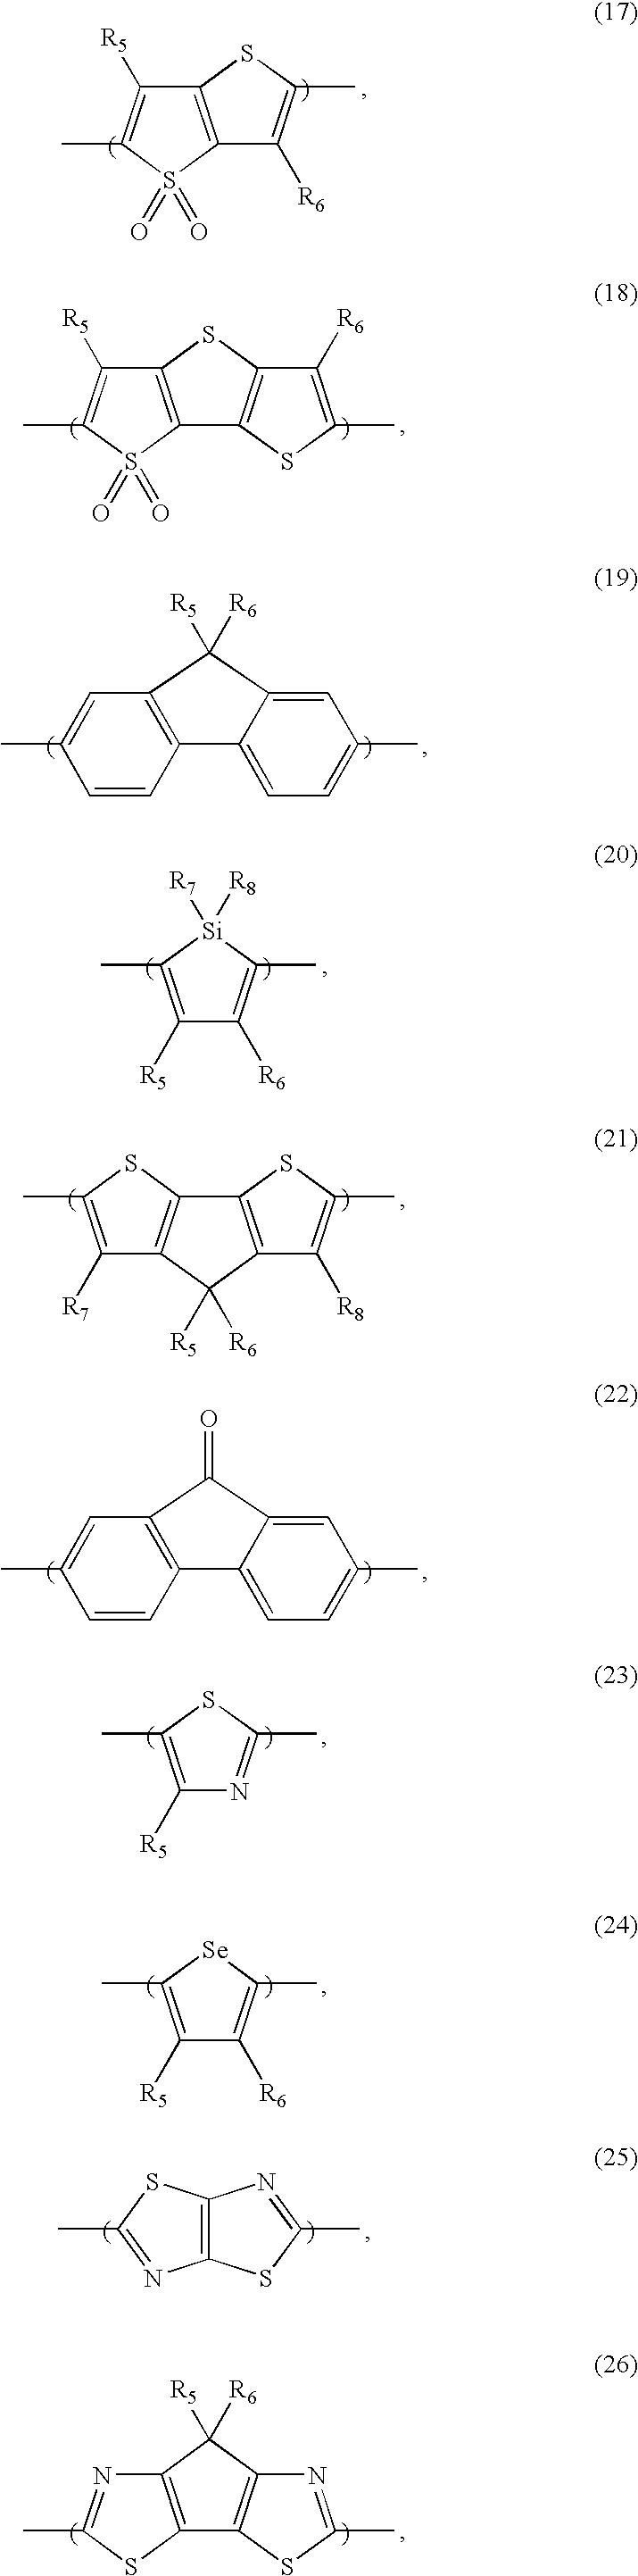 Figure US20080006324A1-20080110-C00009